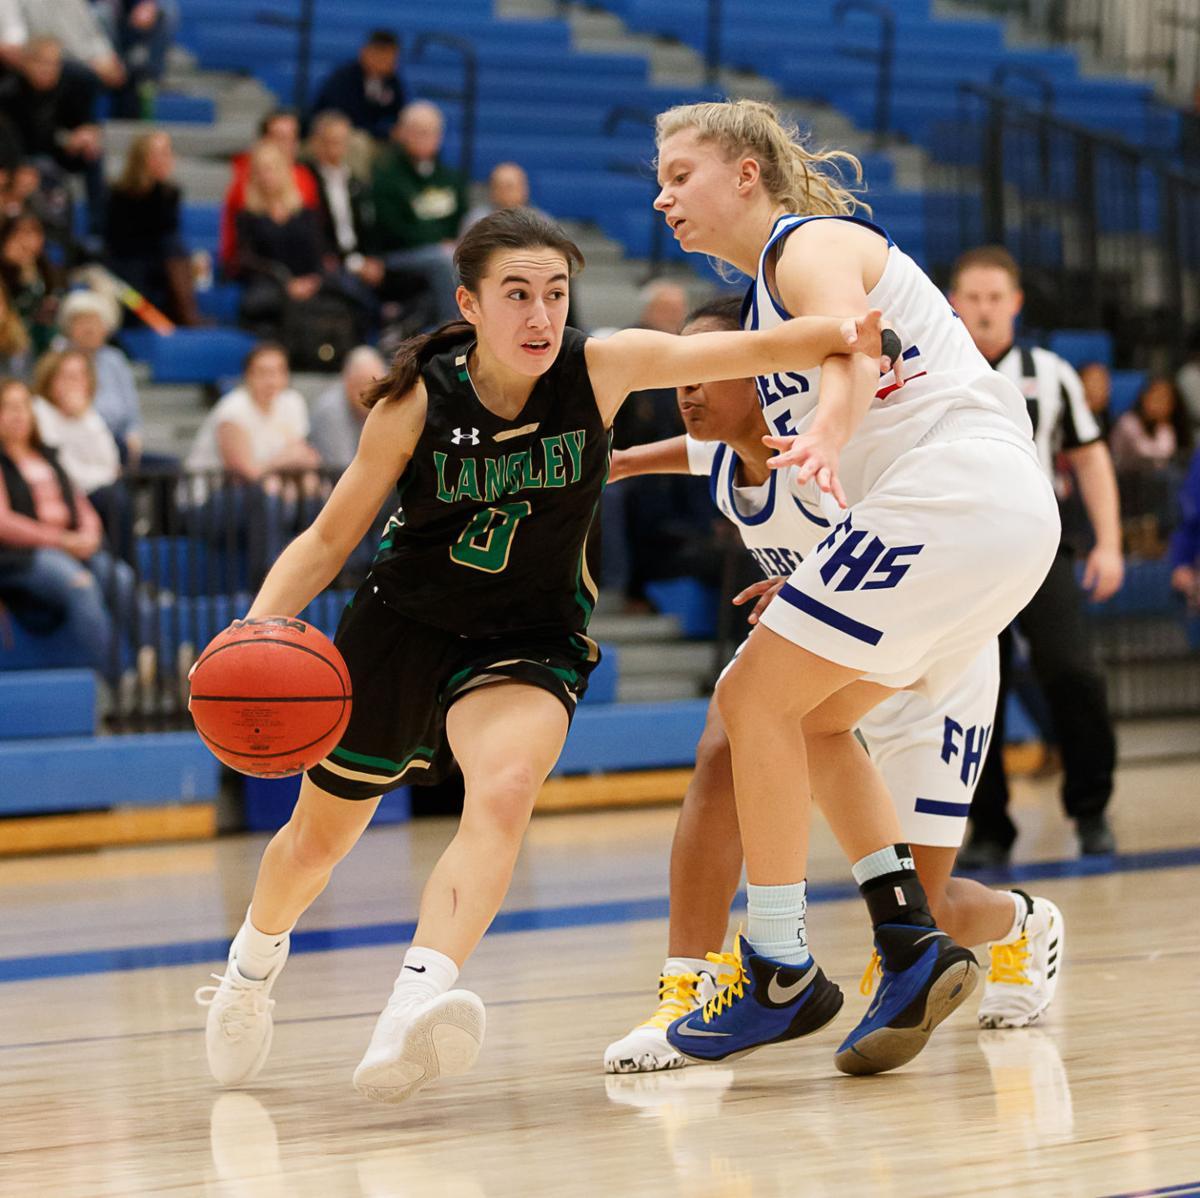 Langley girls basketball 4